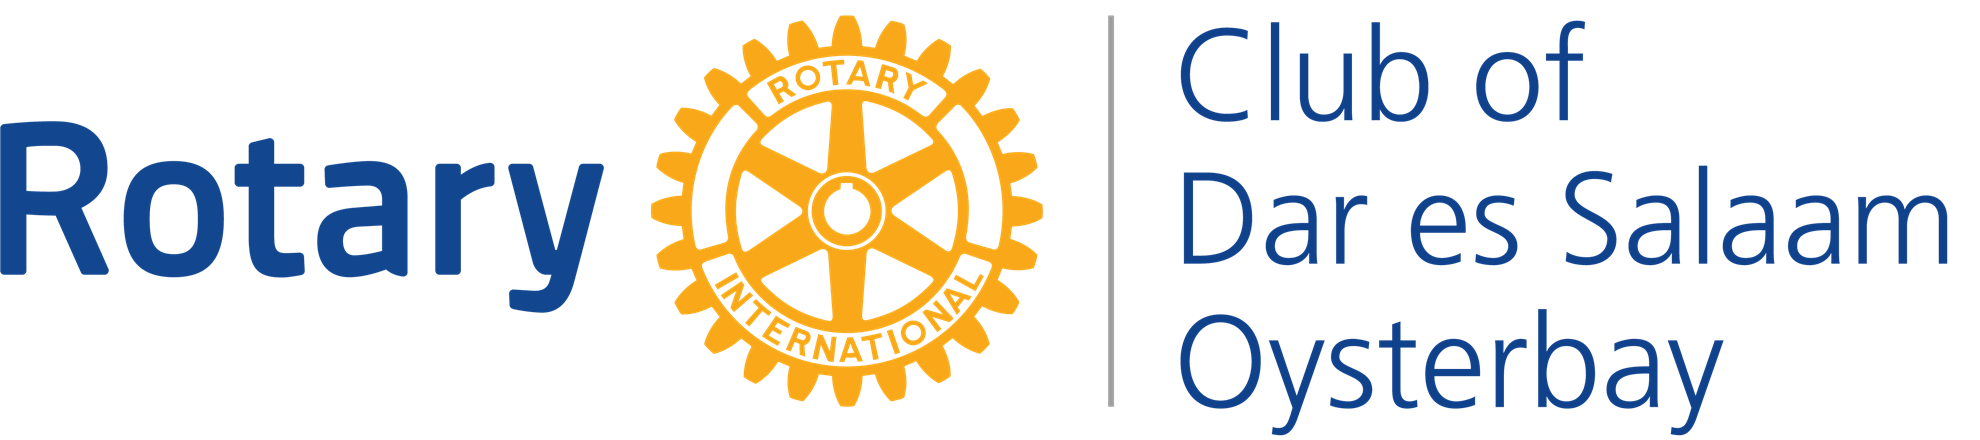 Dar-es-Salaam Oyster logo